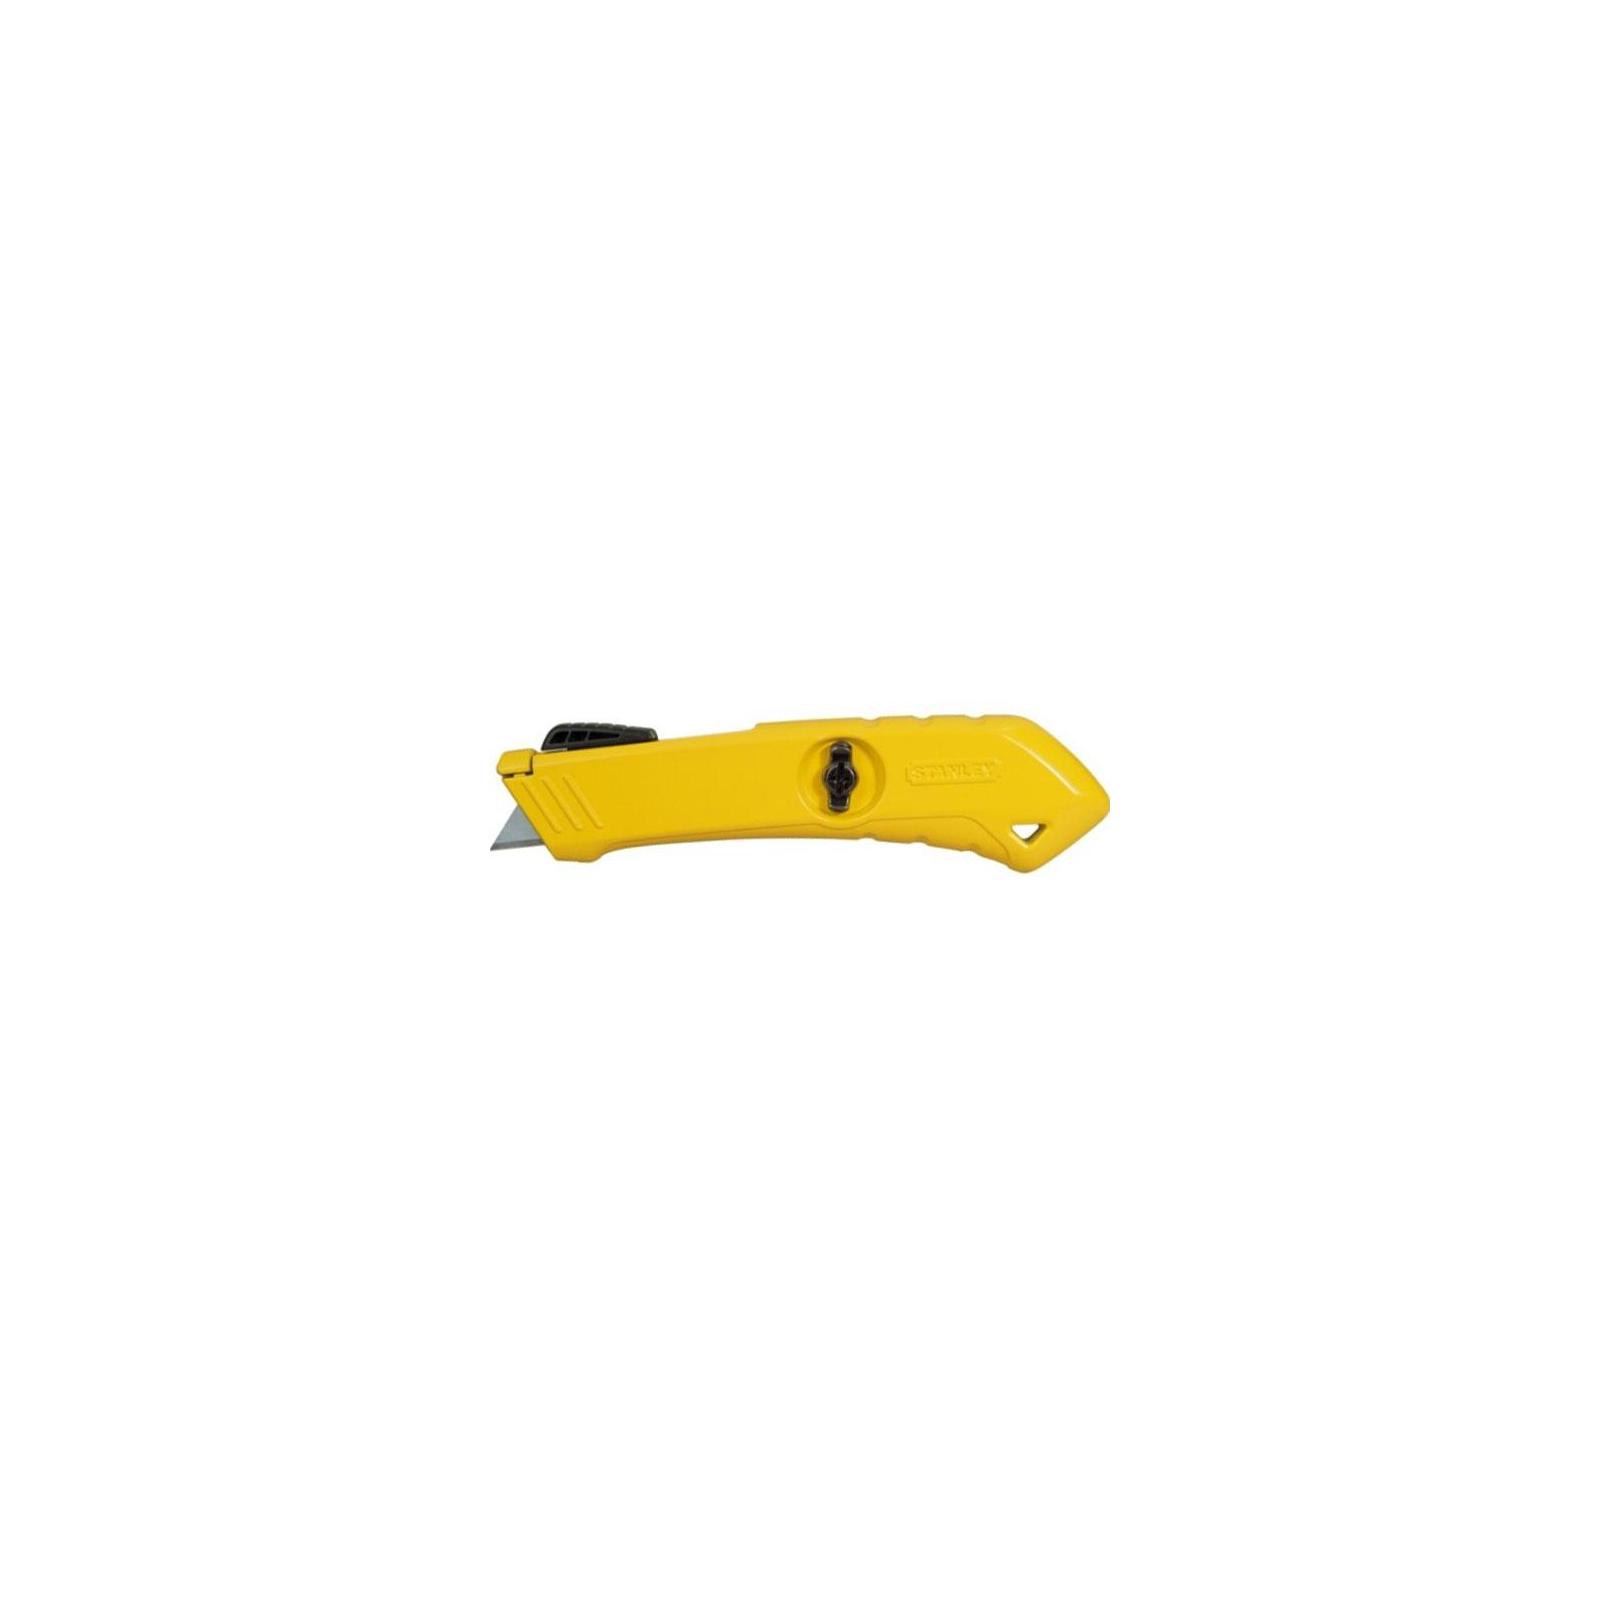 Нож монтажный Stanley безопасный для отделочных работ, L=165мм. (STHT0-10193)